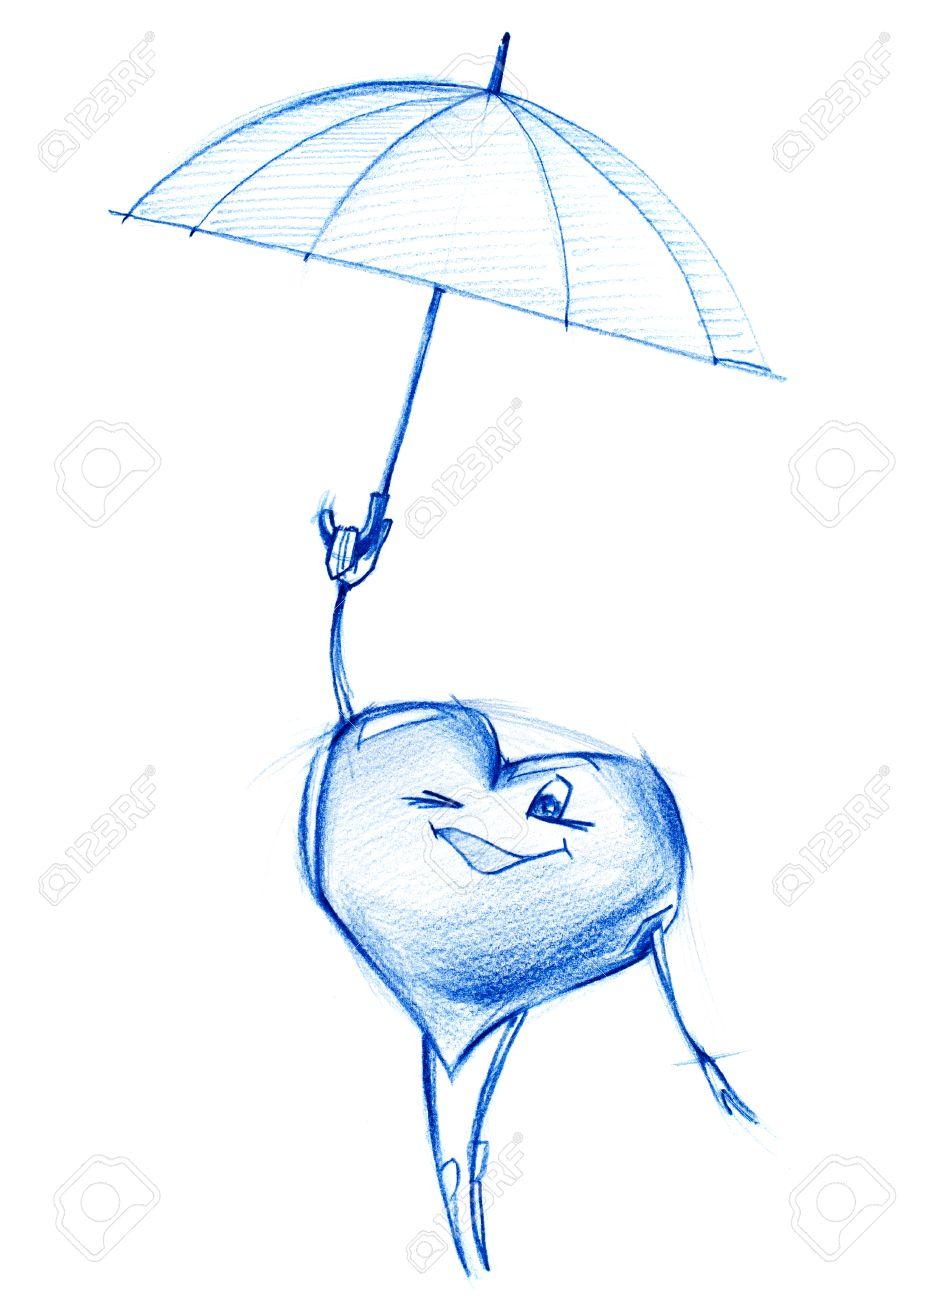 Facile Coeur Volant Sur Un Parapluie Dans Sky Set Coeur De Caractères Dans Diverses Situations De La Vie Illustration Graphique De Dessin Au Crayon